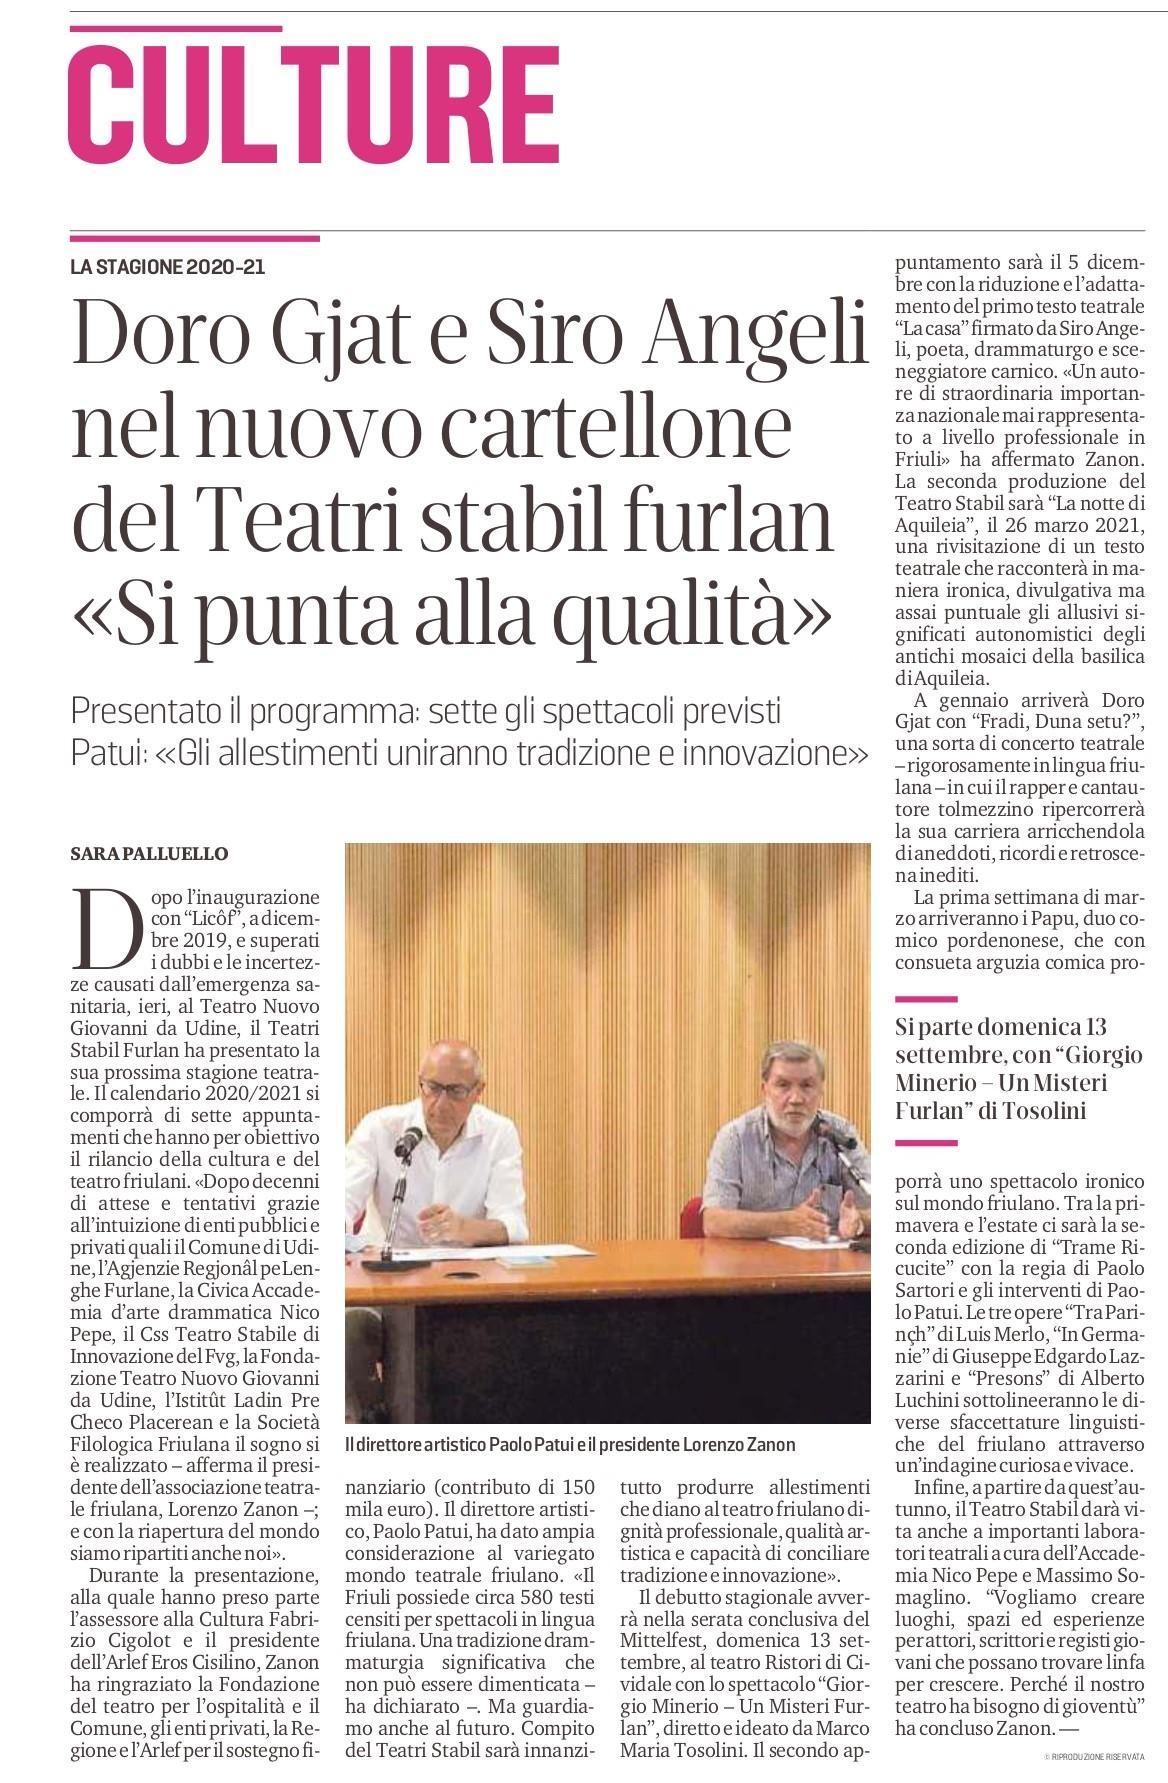 Doro Gjat e Siro Angeli nel nuovo cartellone del Teatri Stabil Furlan «Si punta alla qualità»